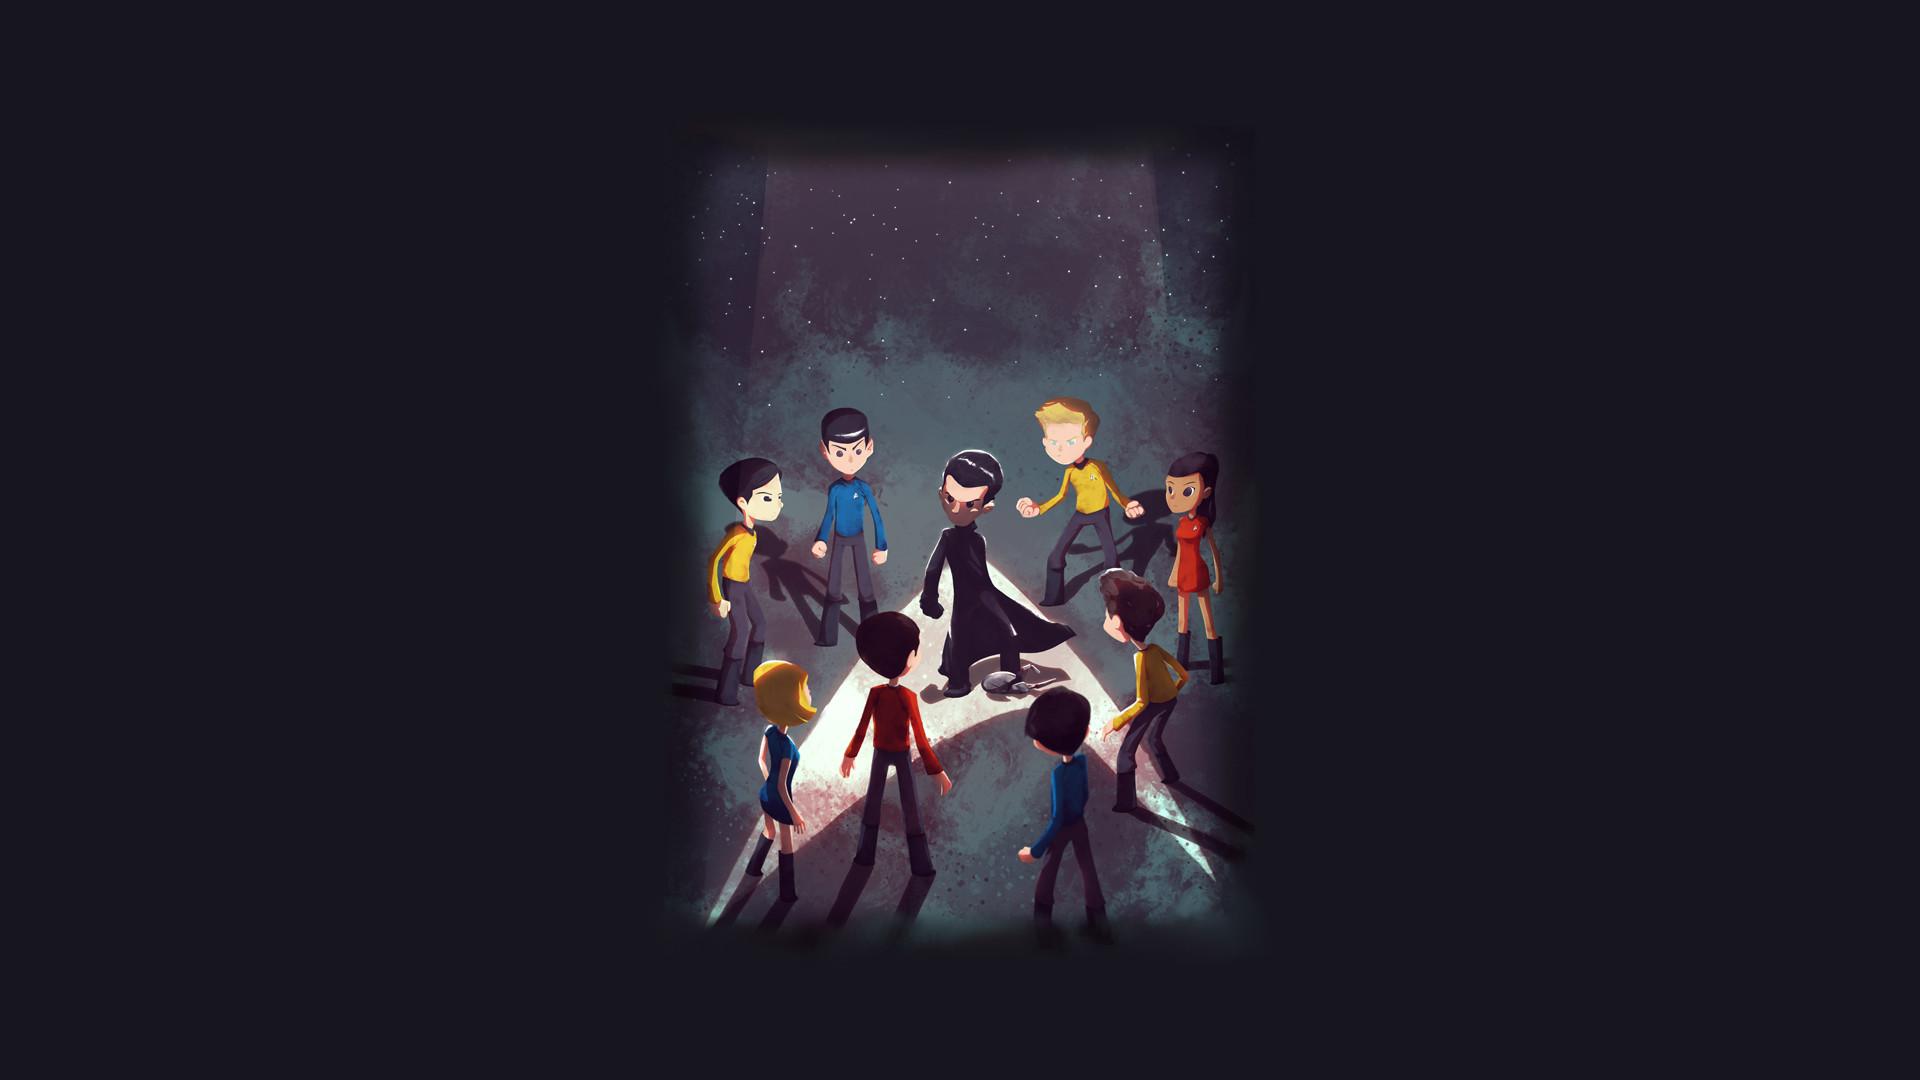 Funny Star Trek Wallpaper